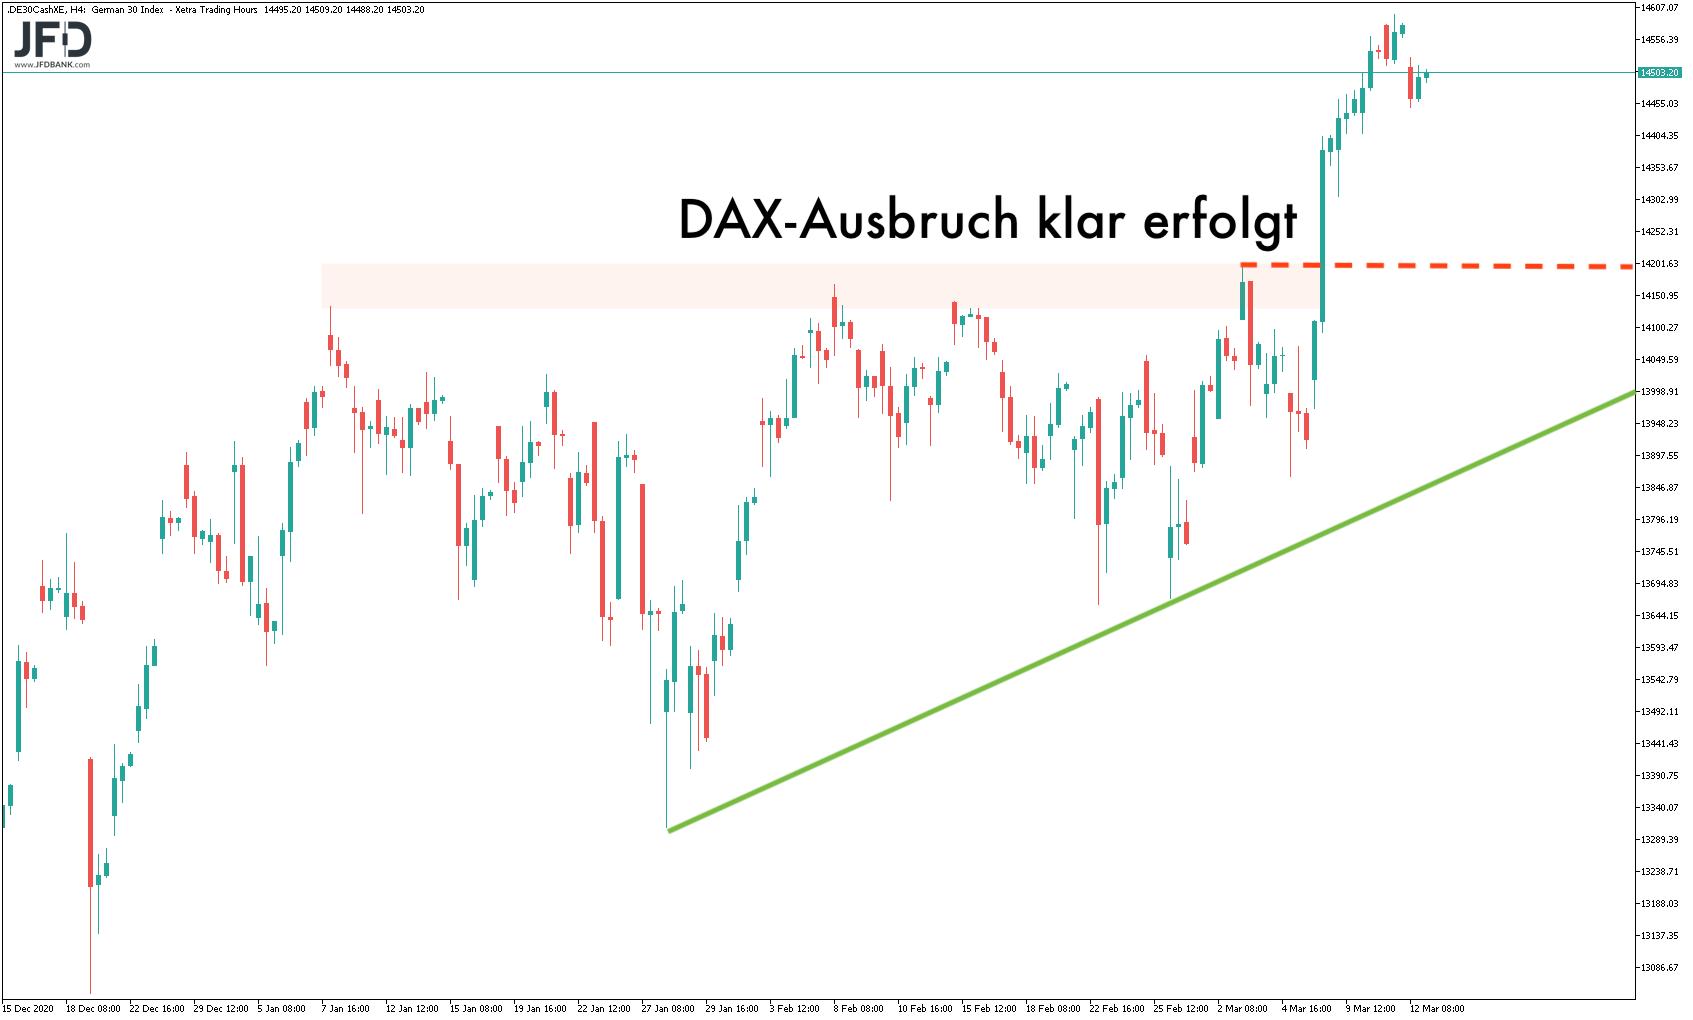 Mittelfristiger DAX-Ausblick